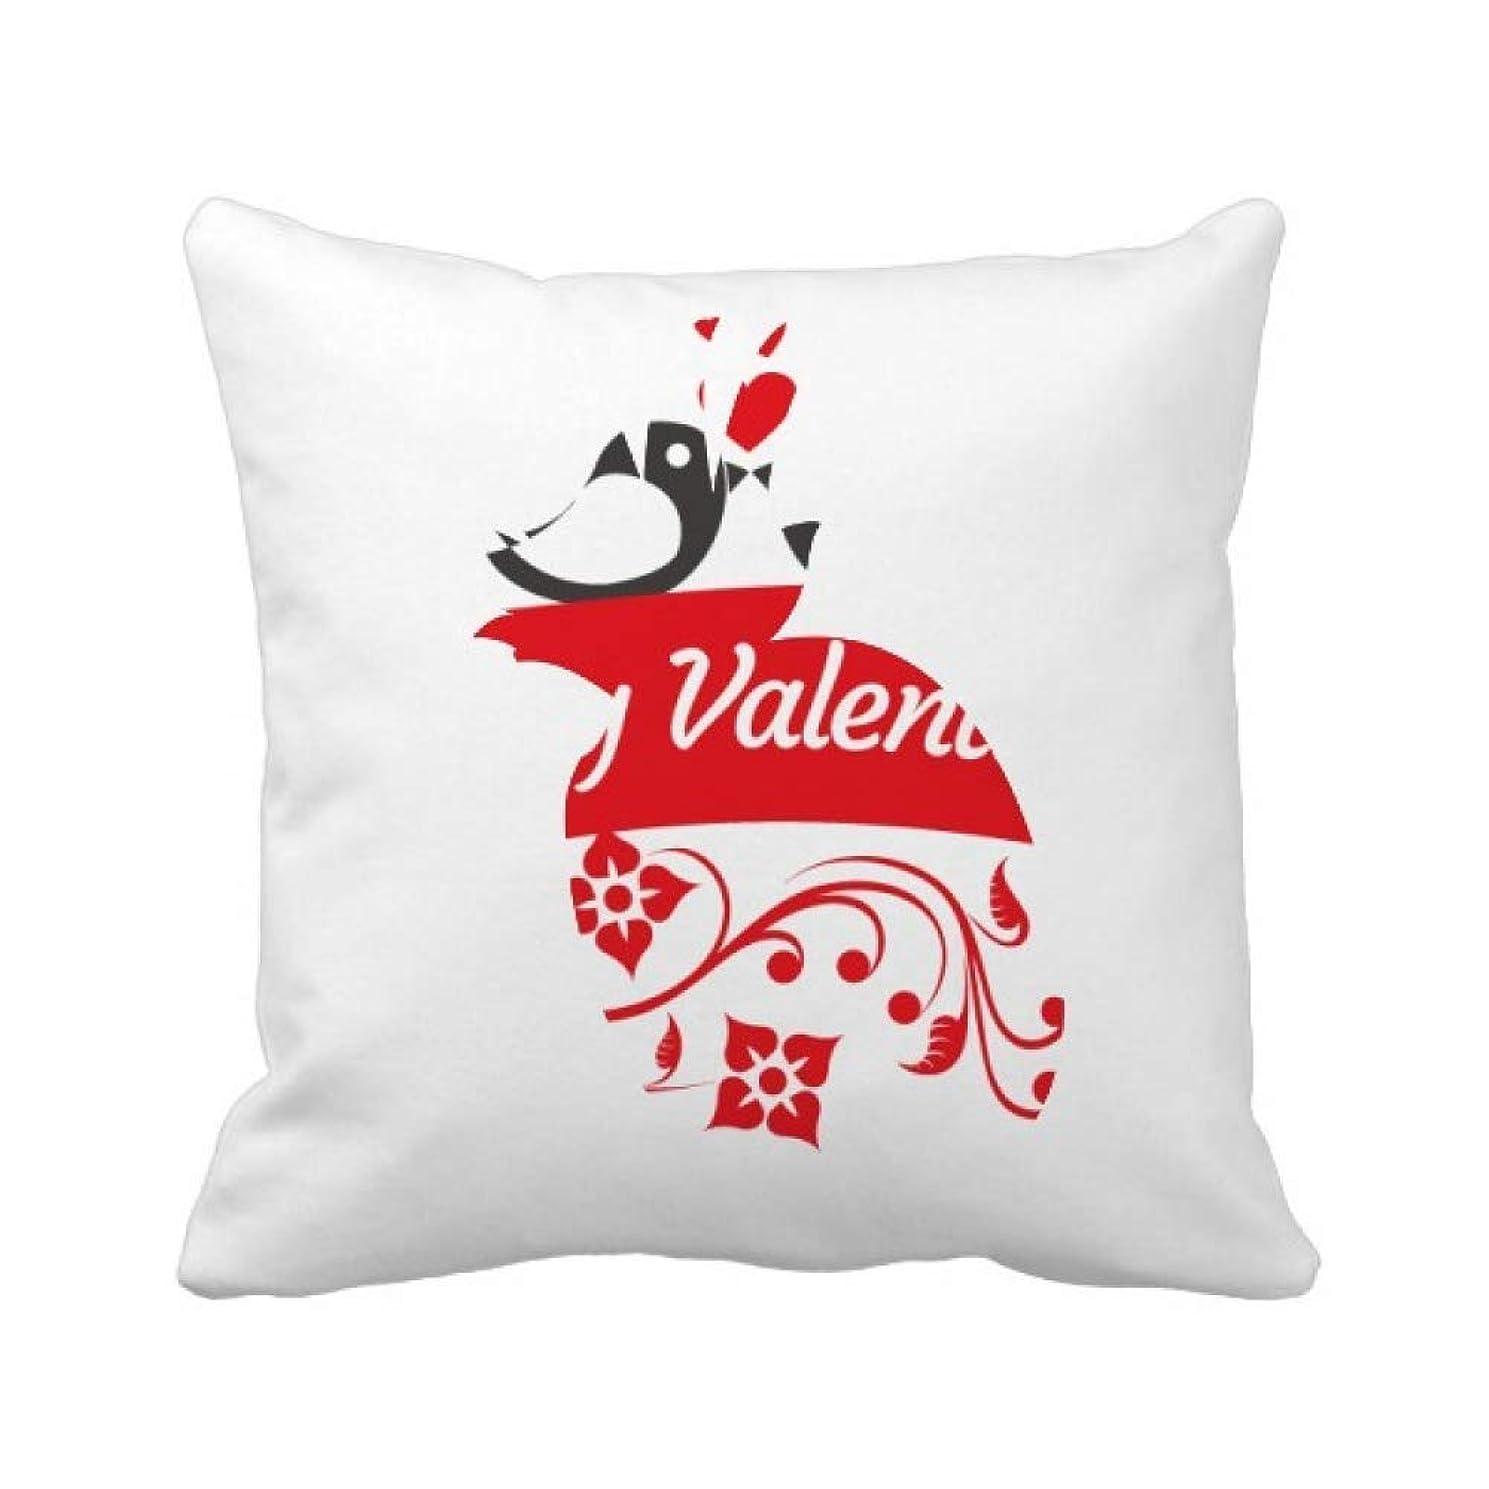 準備形スタック愛の鳥の幸せなバレンタインデー パイナップル枕カバー正方形を投げる 50cm x 50cm